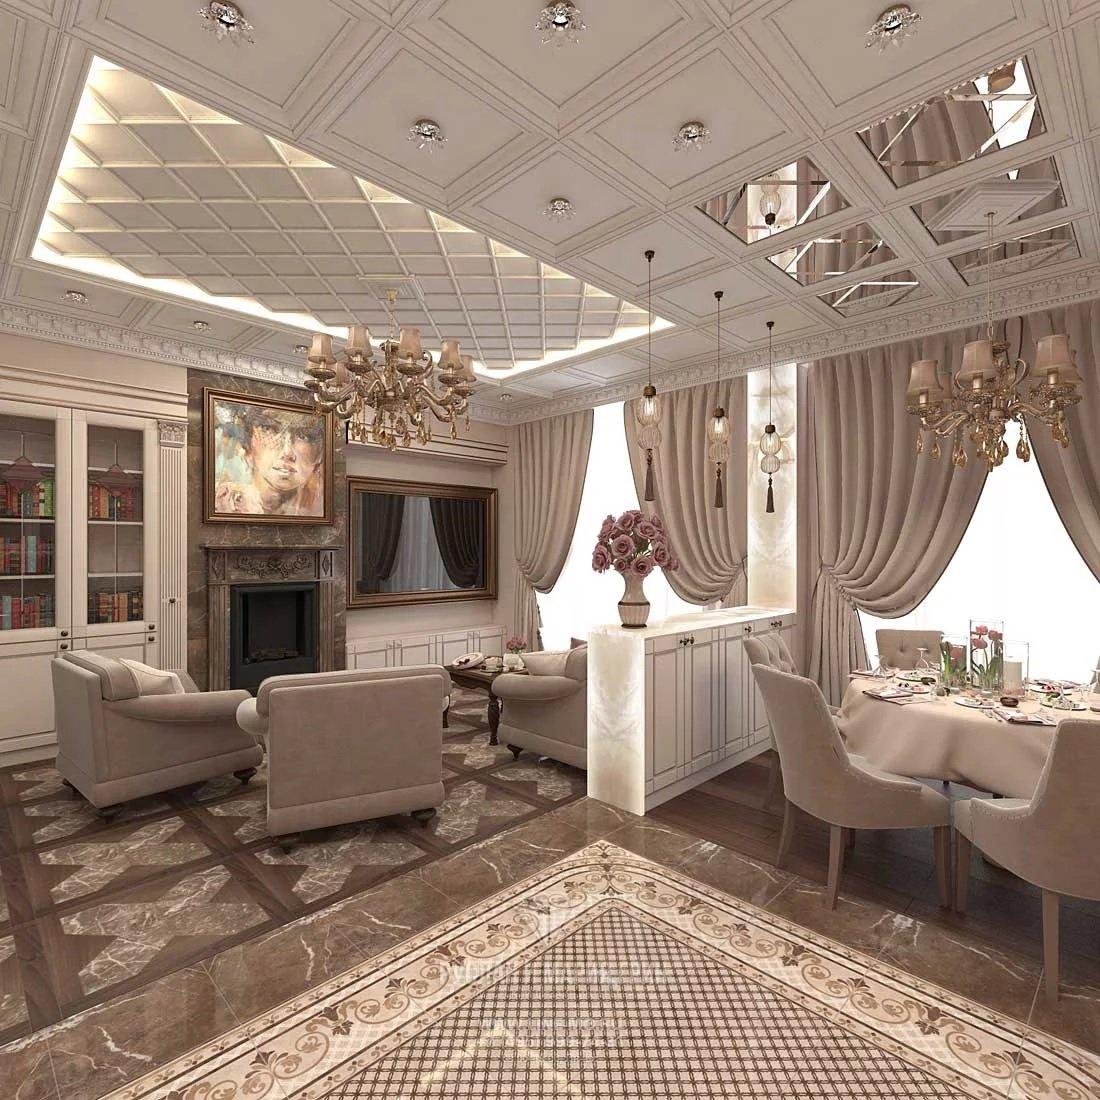 Текстиль в интерьере в дворцовом стиле